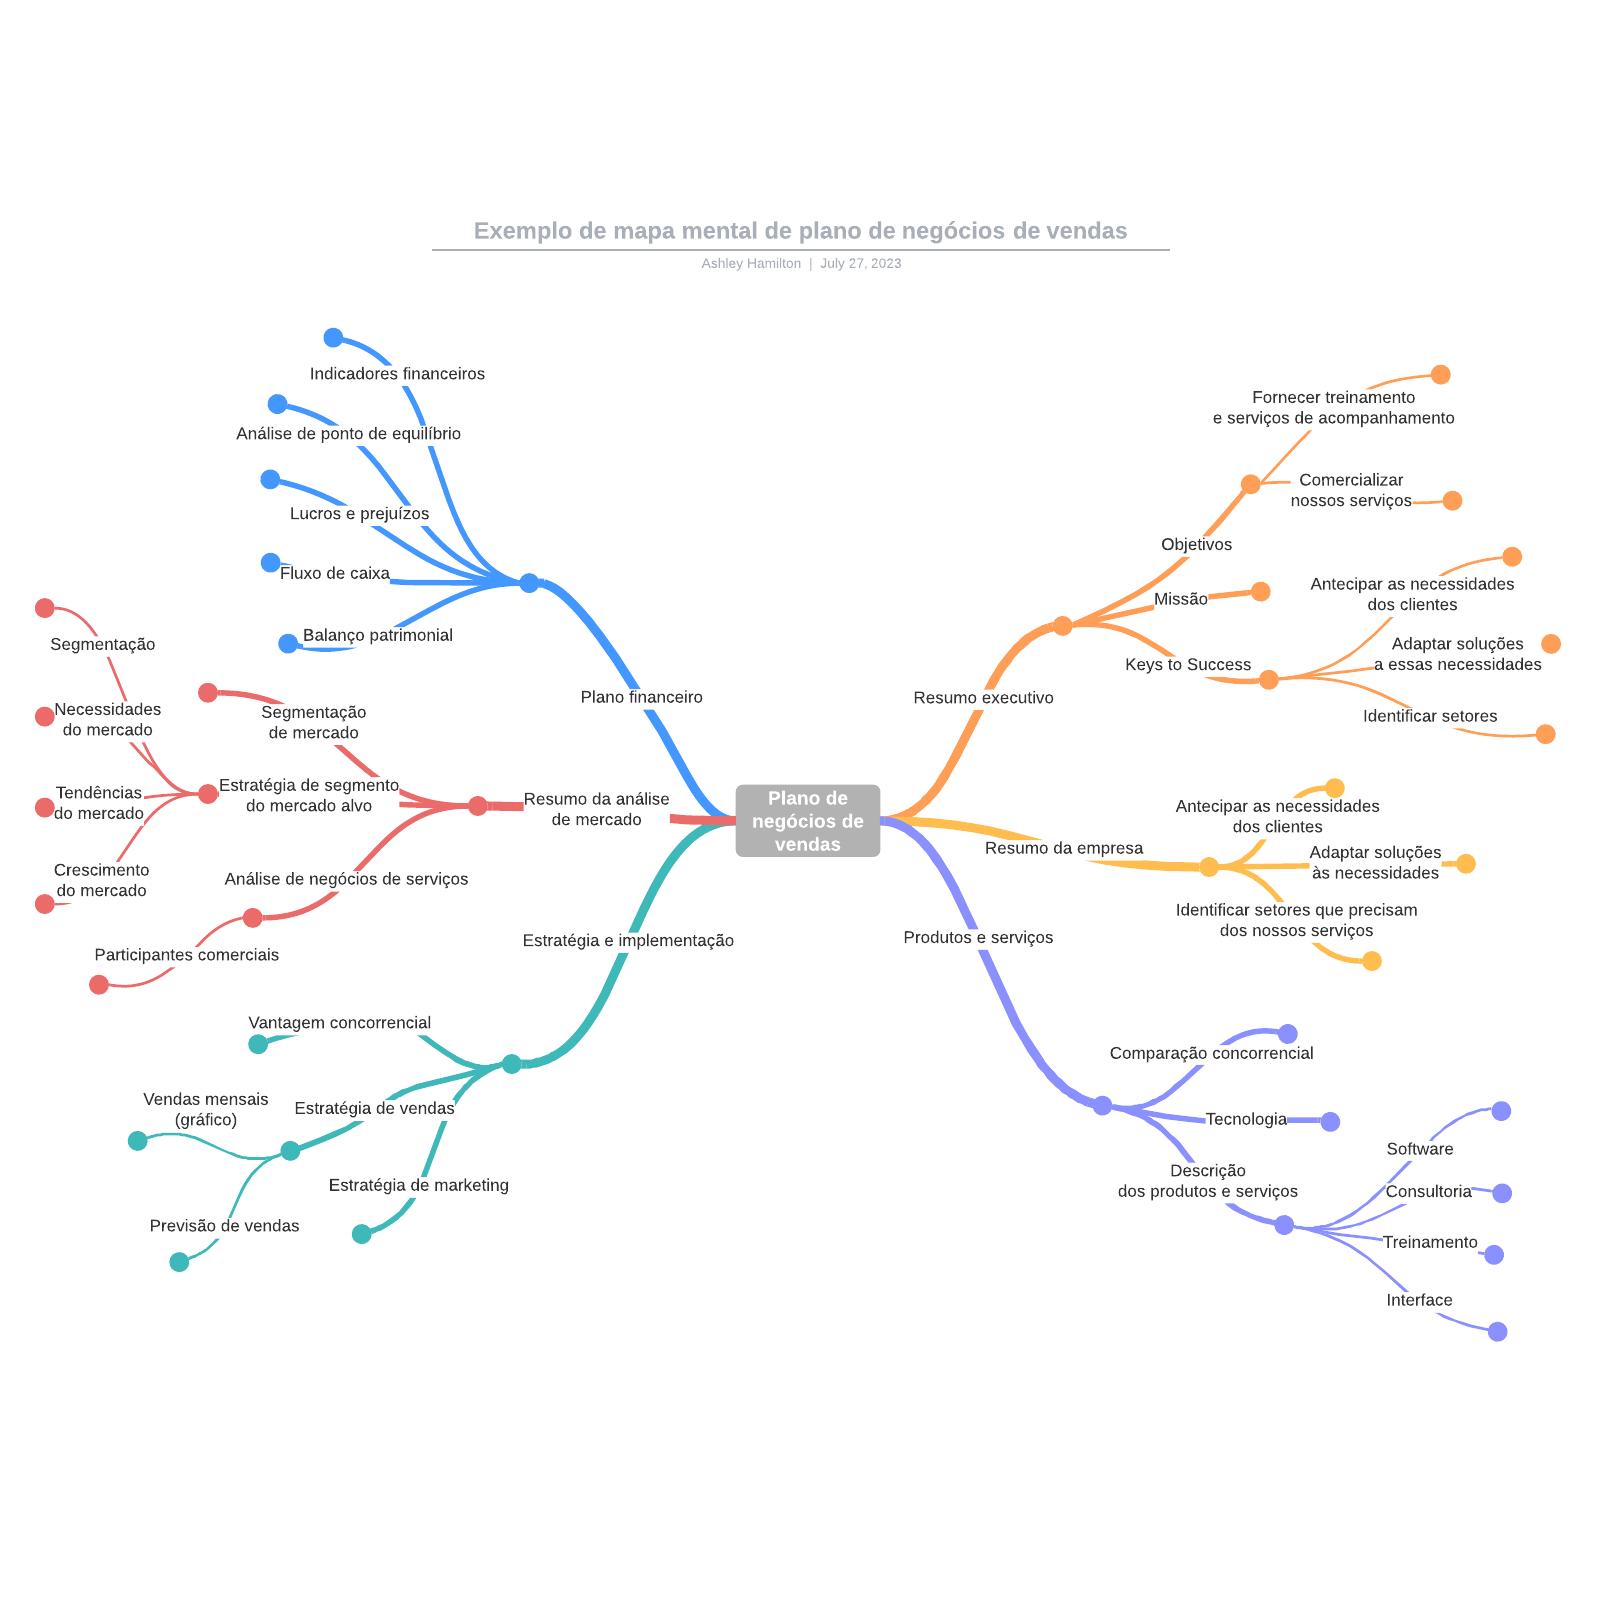 Exemplo de mapa mental de plano de negócios de vendas